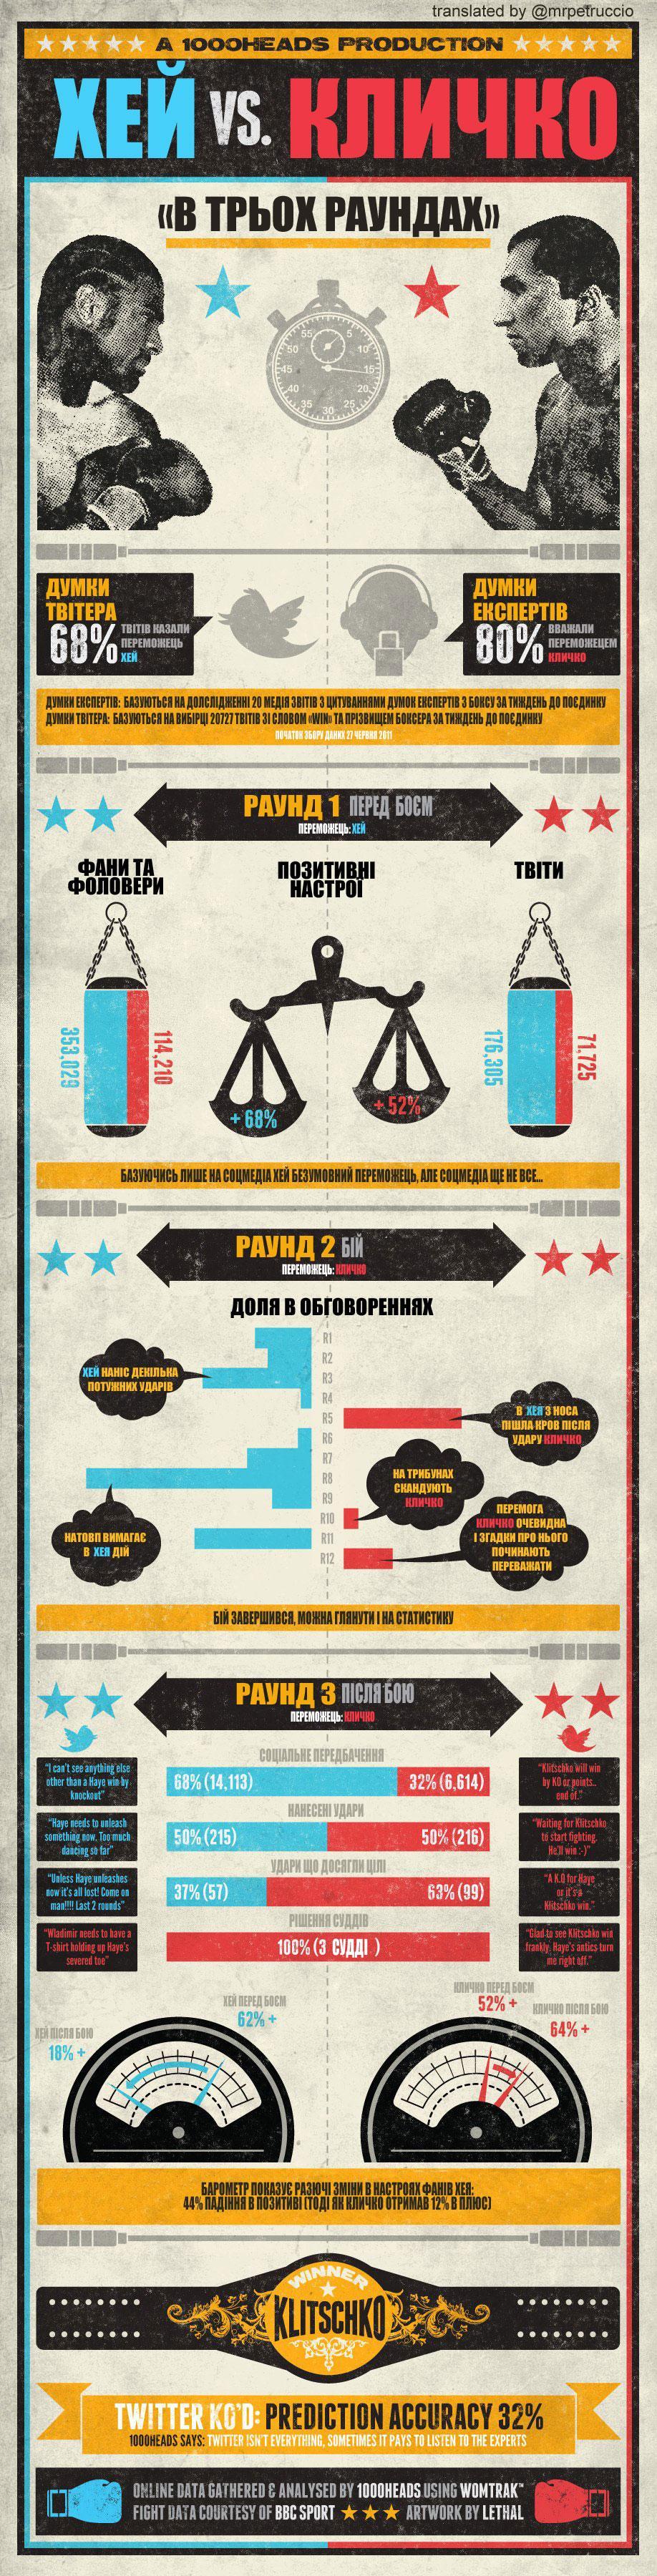 Інфографіка бою Кличко проти Хея